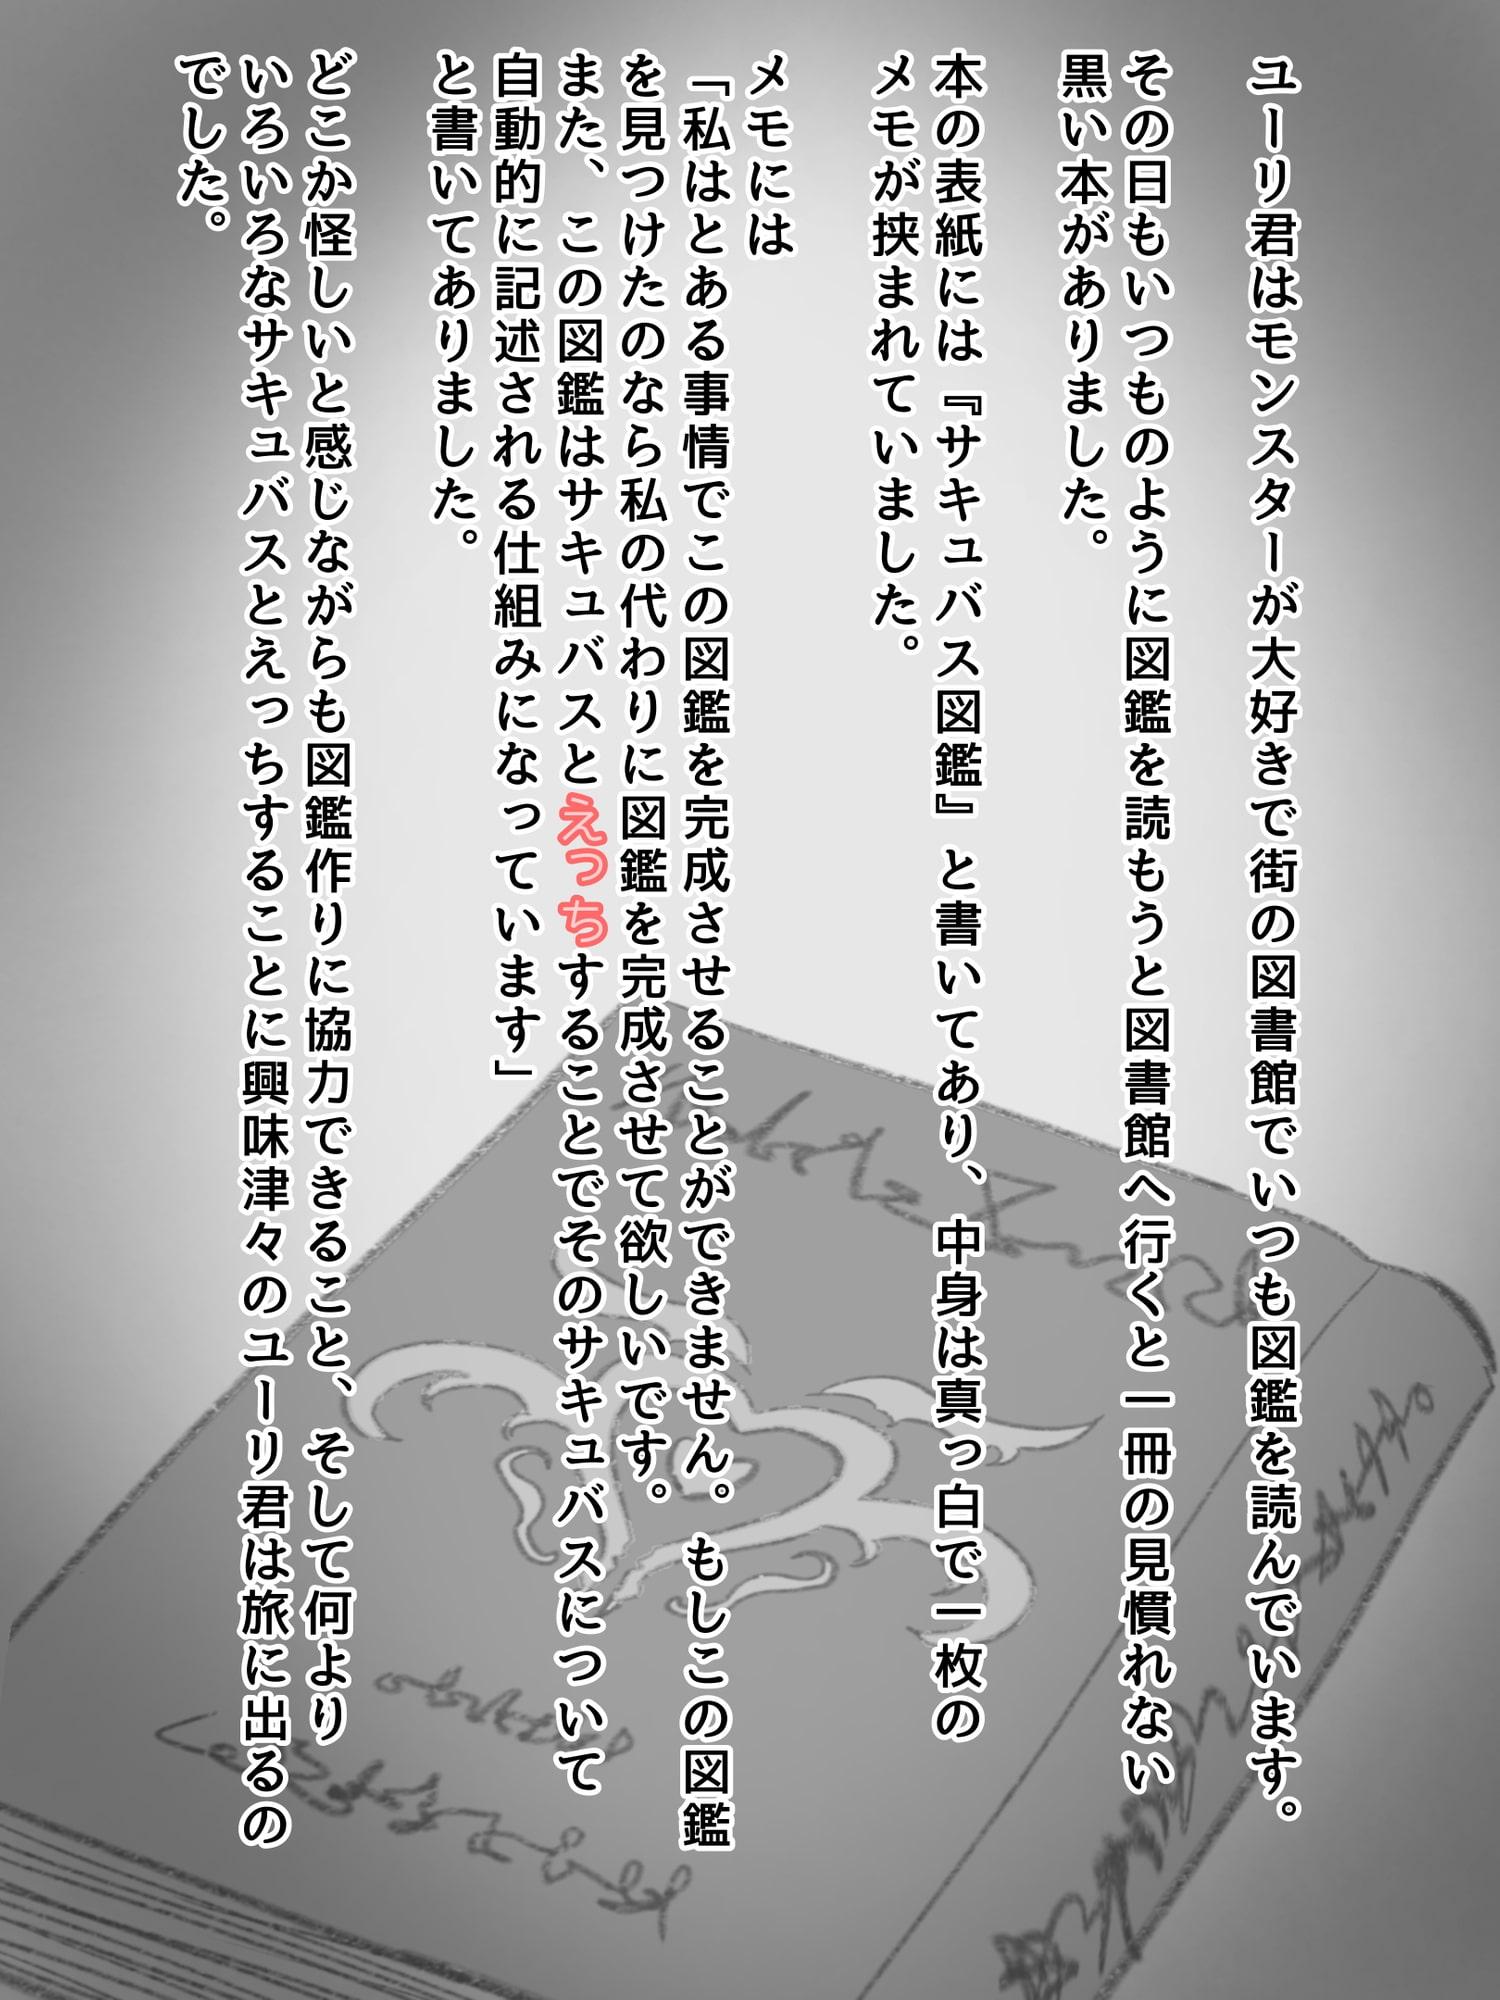 ユーリ君とサキュバス図鑑のサンプル画像